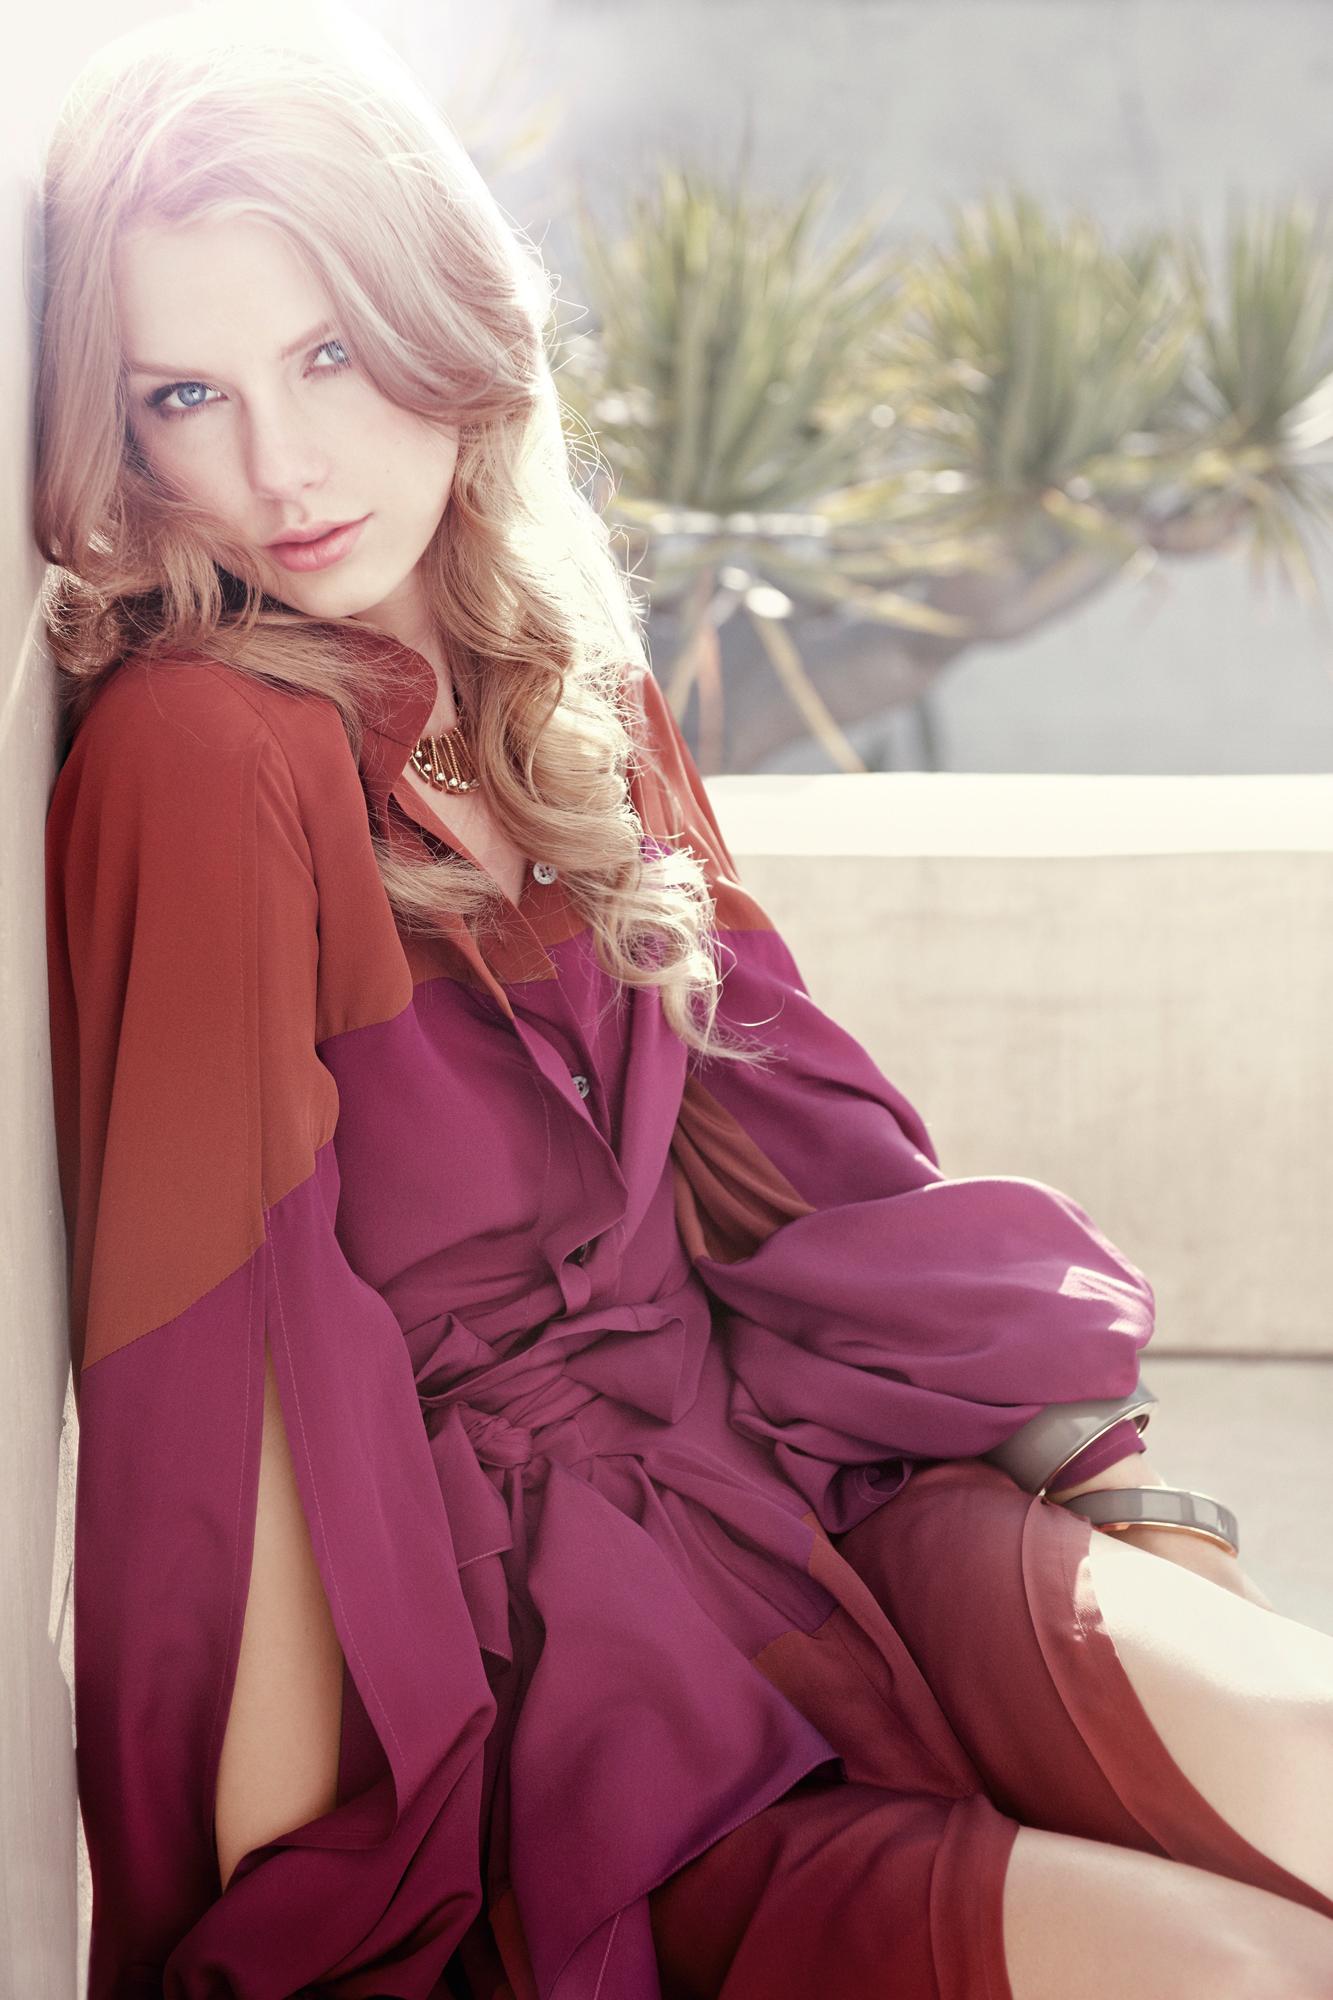 taylor swift - Taylor Swift Photo (34397238) - Fanpop